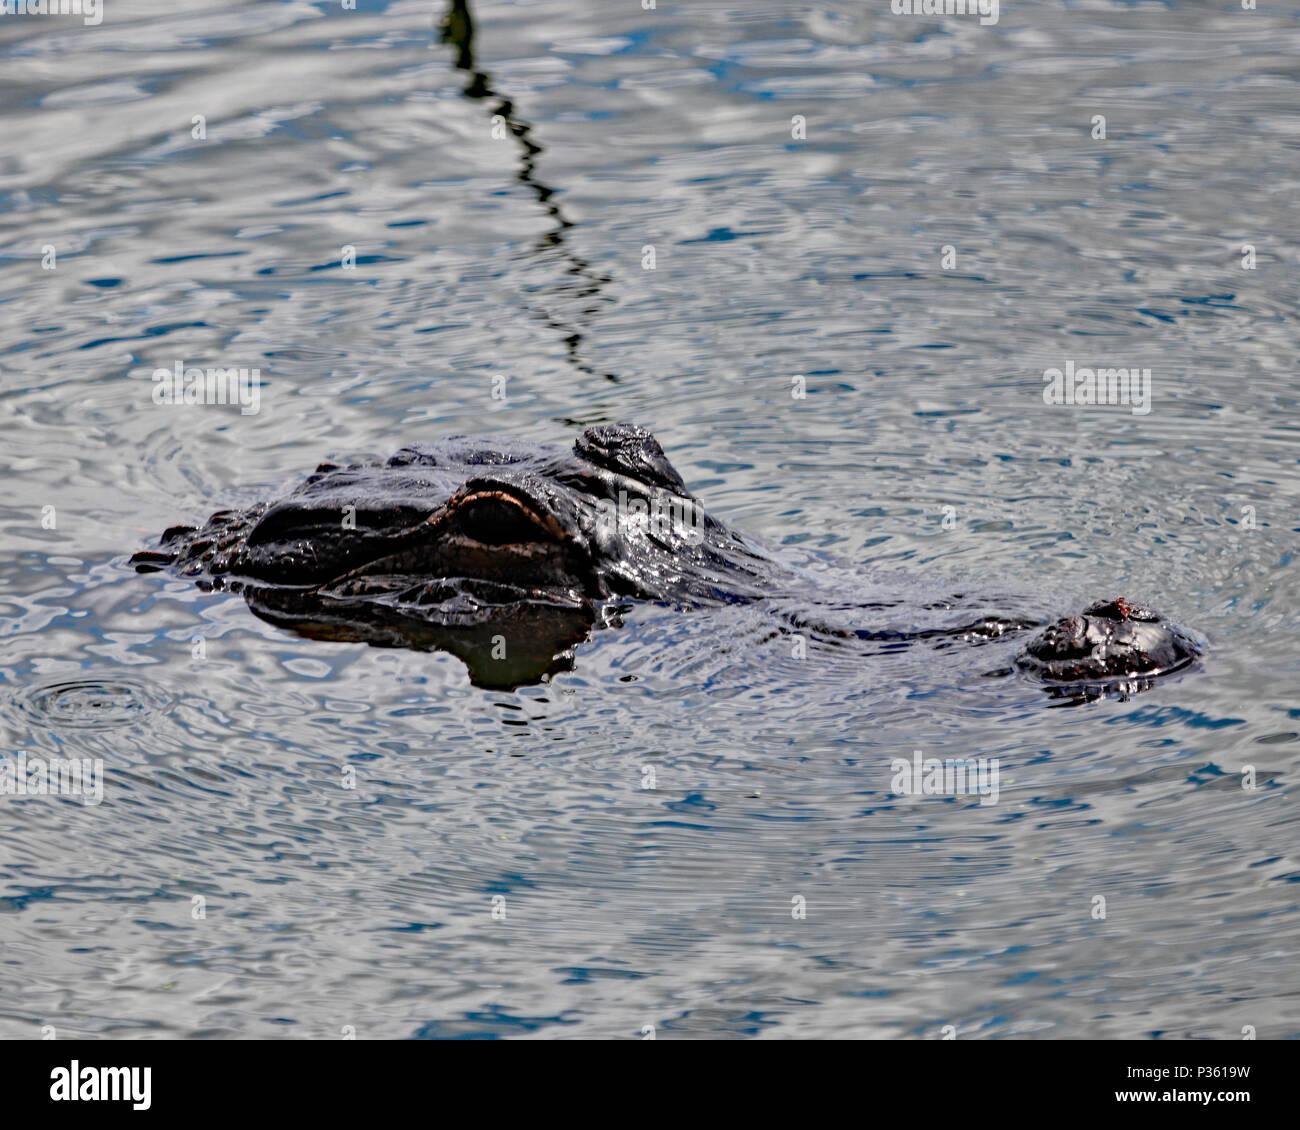 American Alligator submerged in lake water, Florida - Stock Image